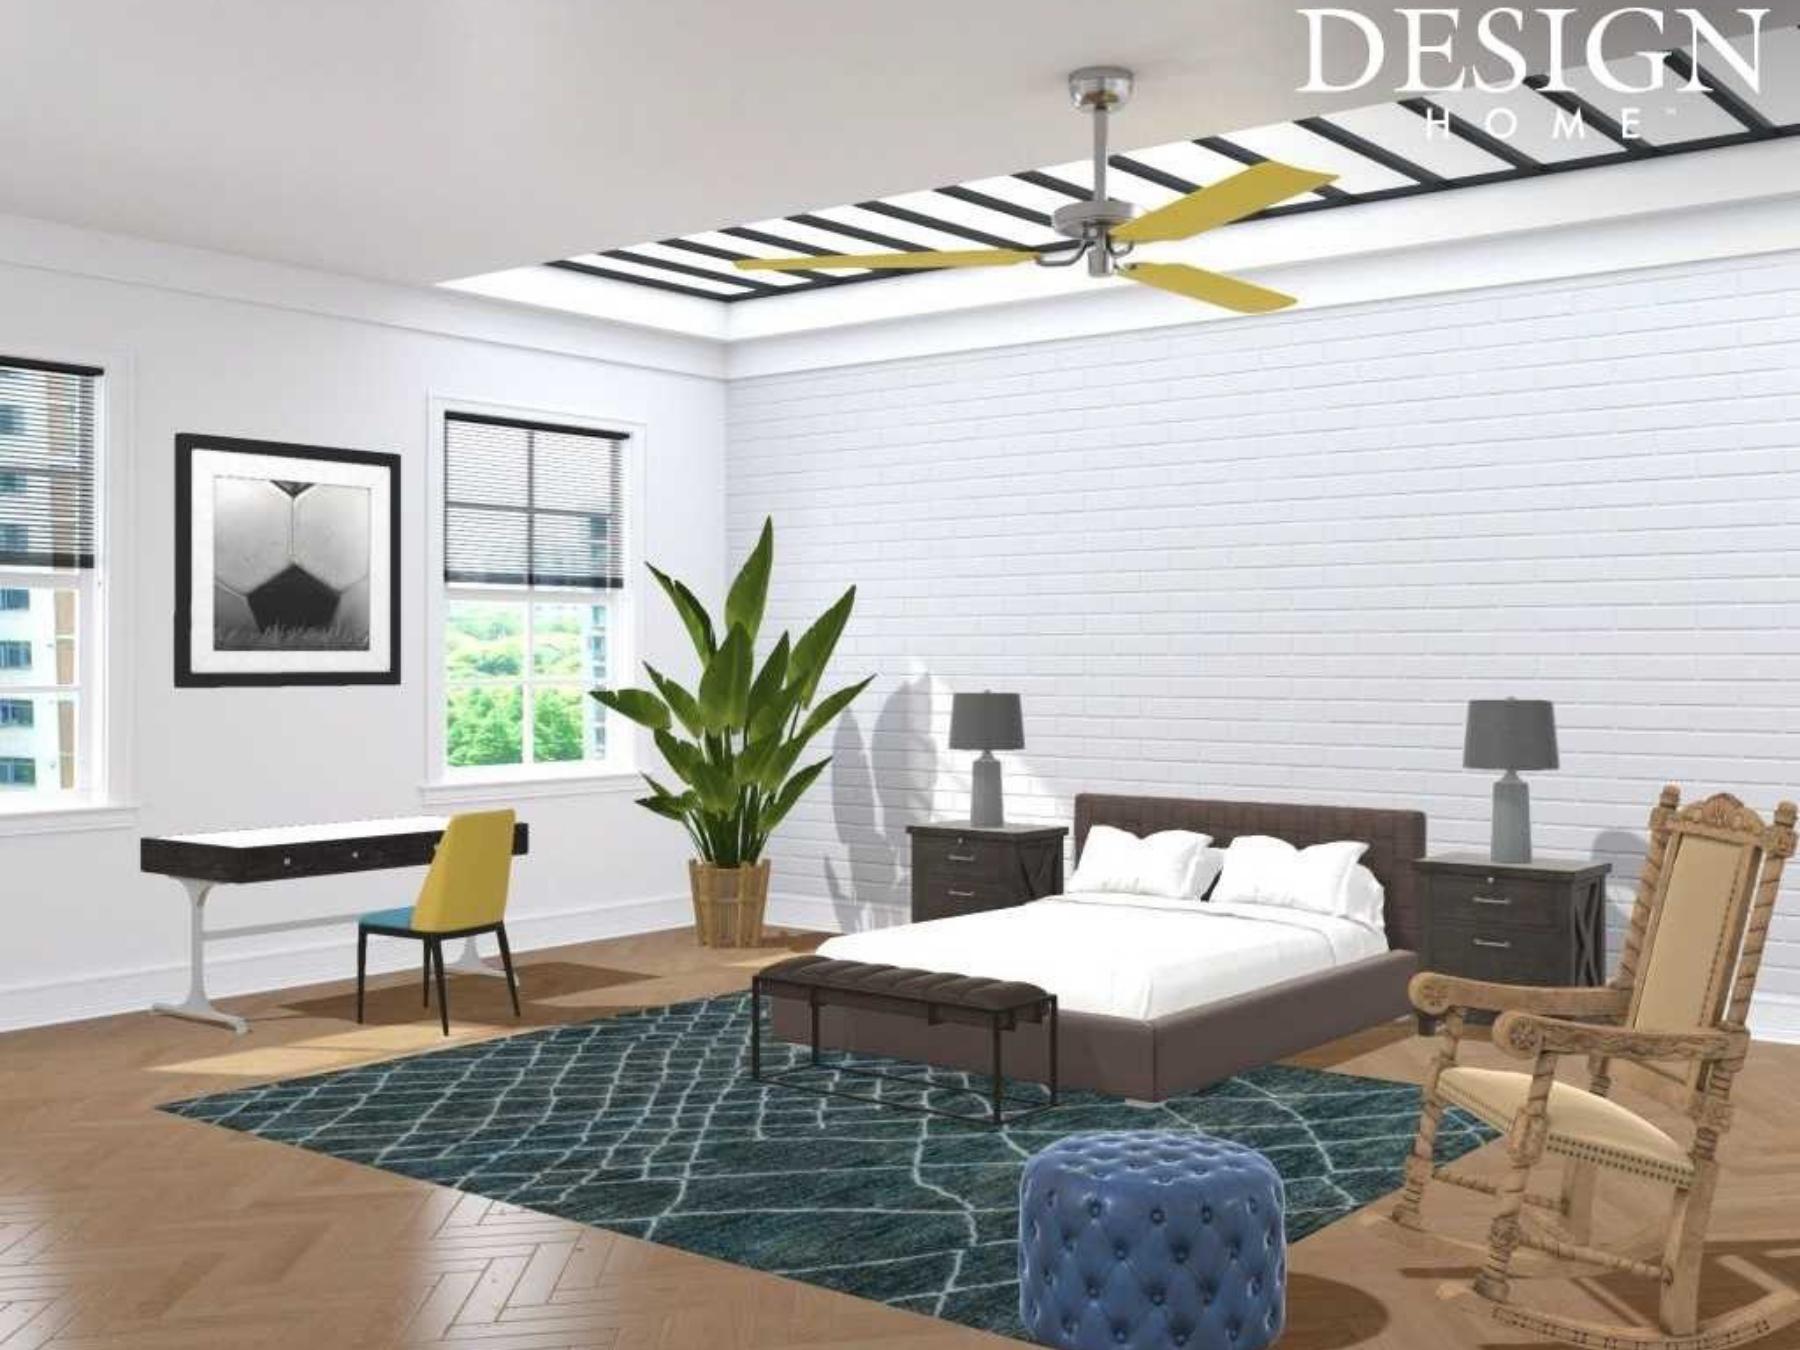 Design Home, jocul care mă învață să decorez creativ